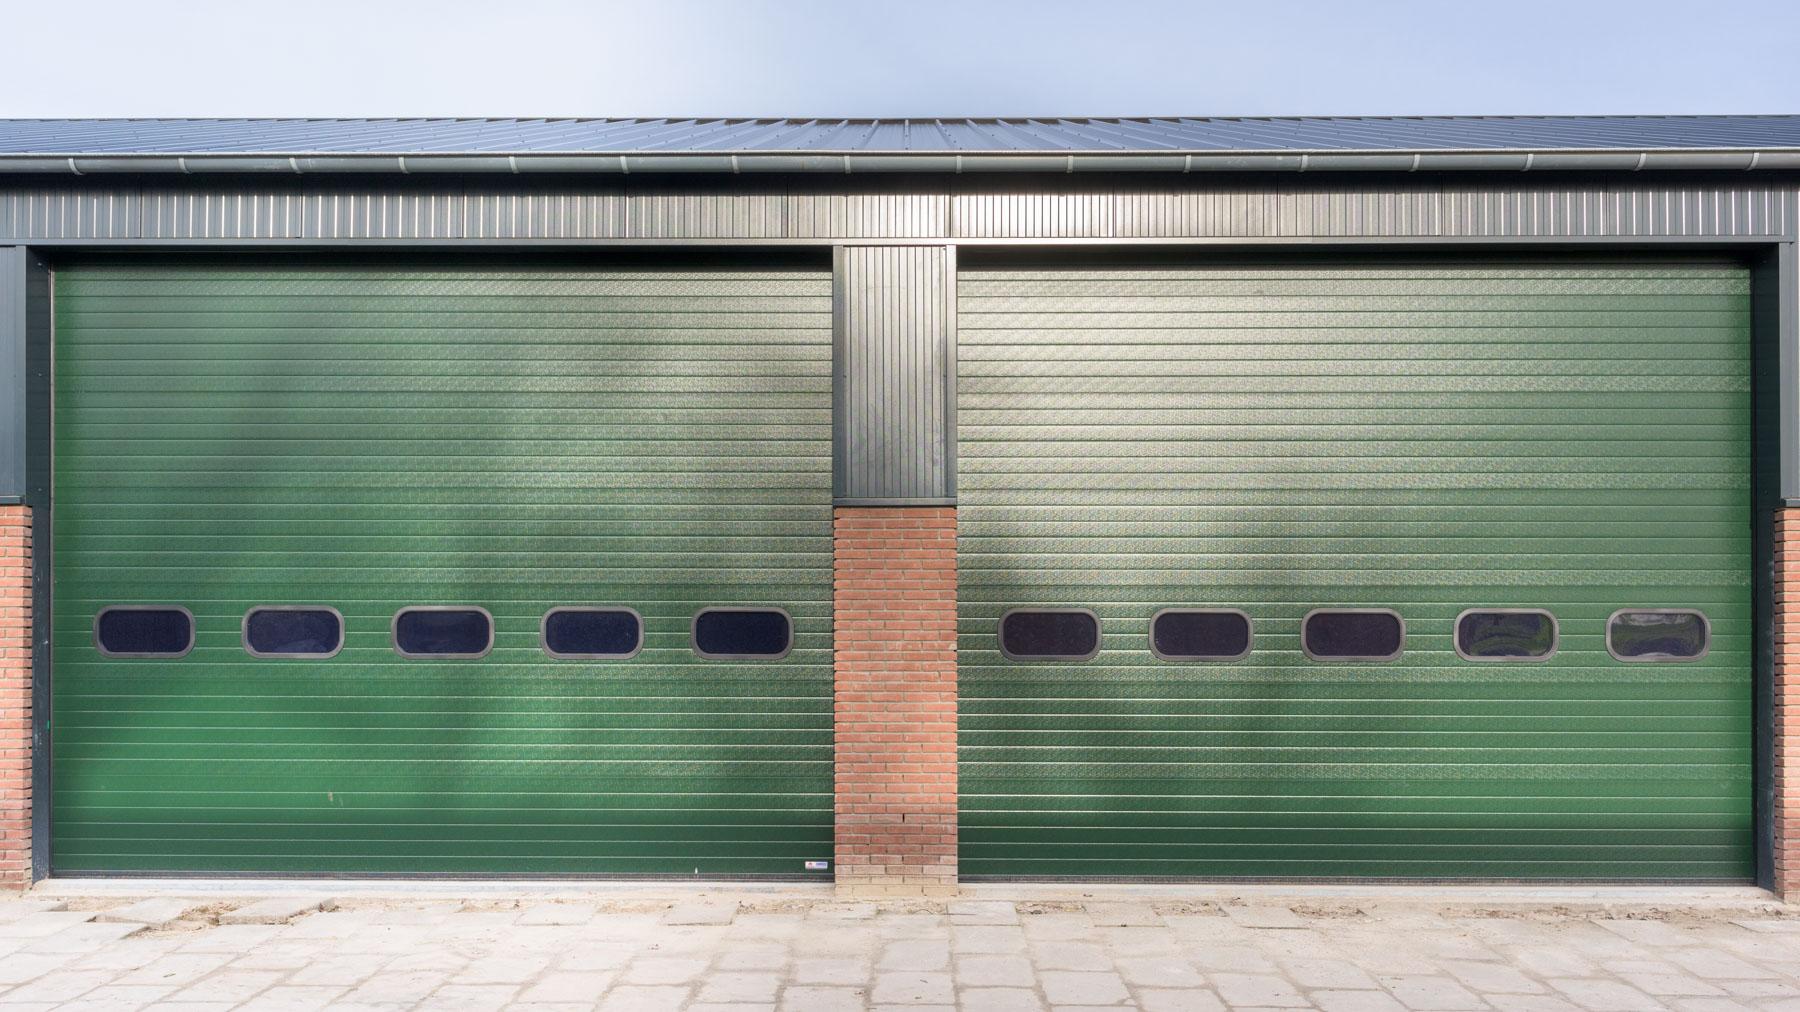 Bedrijfsdeuren: Groene overheaddeuren met ovale vensterramen | Louwers Deurtechnieken